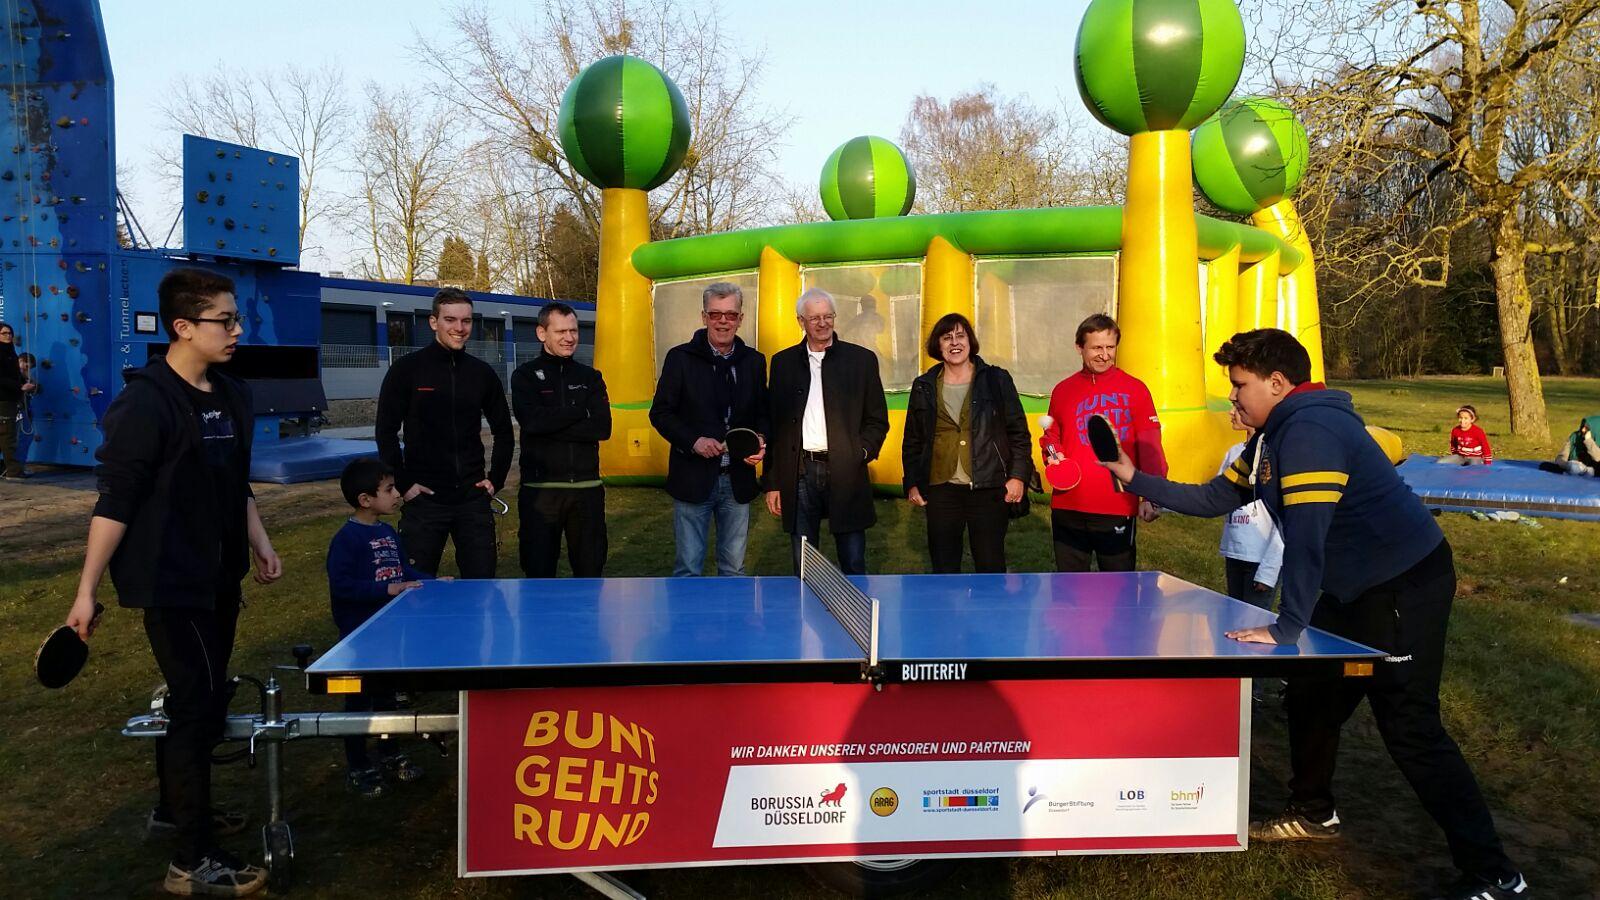 Flüchtlinge (vorne), Artur Zielinski (Stadtsportbund, hinten, 2.v.l.), Peter Schwabe, Günter Karen-Jungen, Dr. Maria Icking, Wieland Speer (Foto: Borussia Düsseldorf)